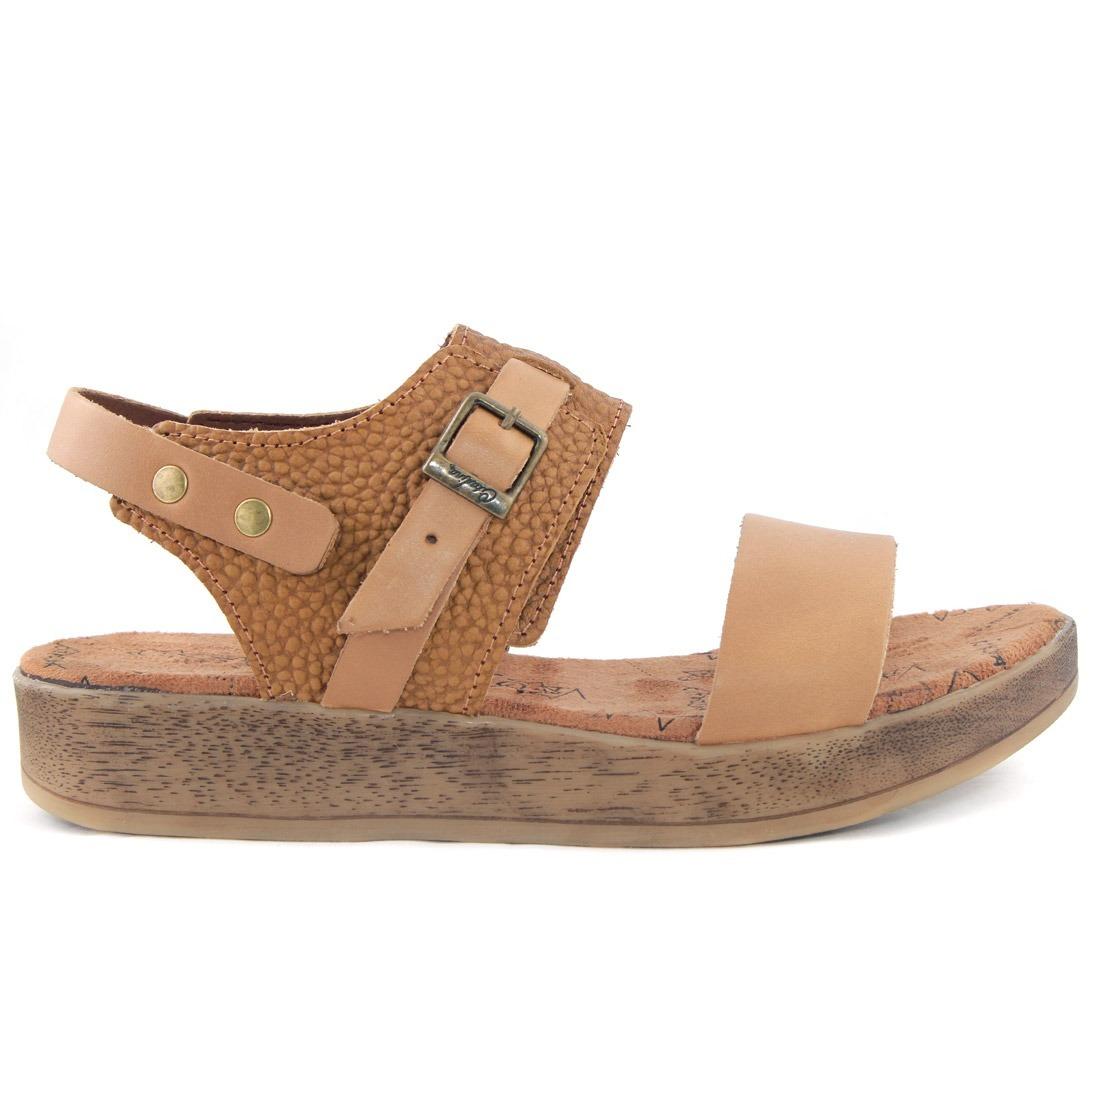 354d10a97a7 sandalias mujer zapatos franciscanas cuero verano 2019 jojo. Cargando zoom.